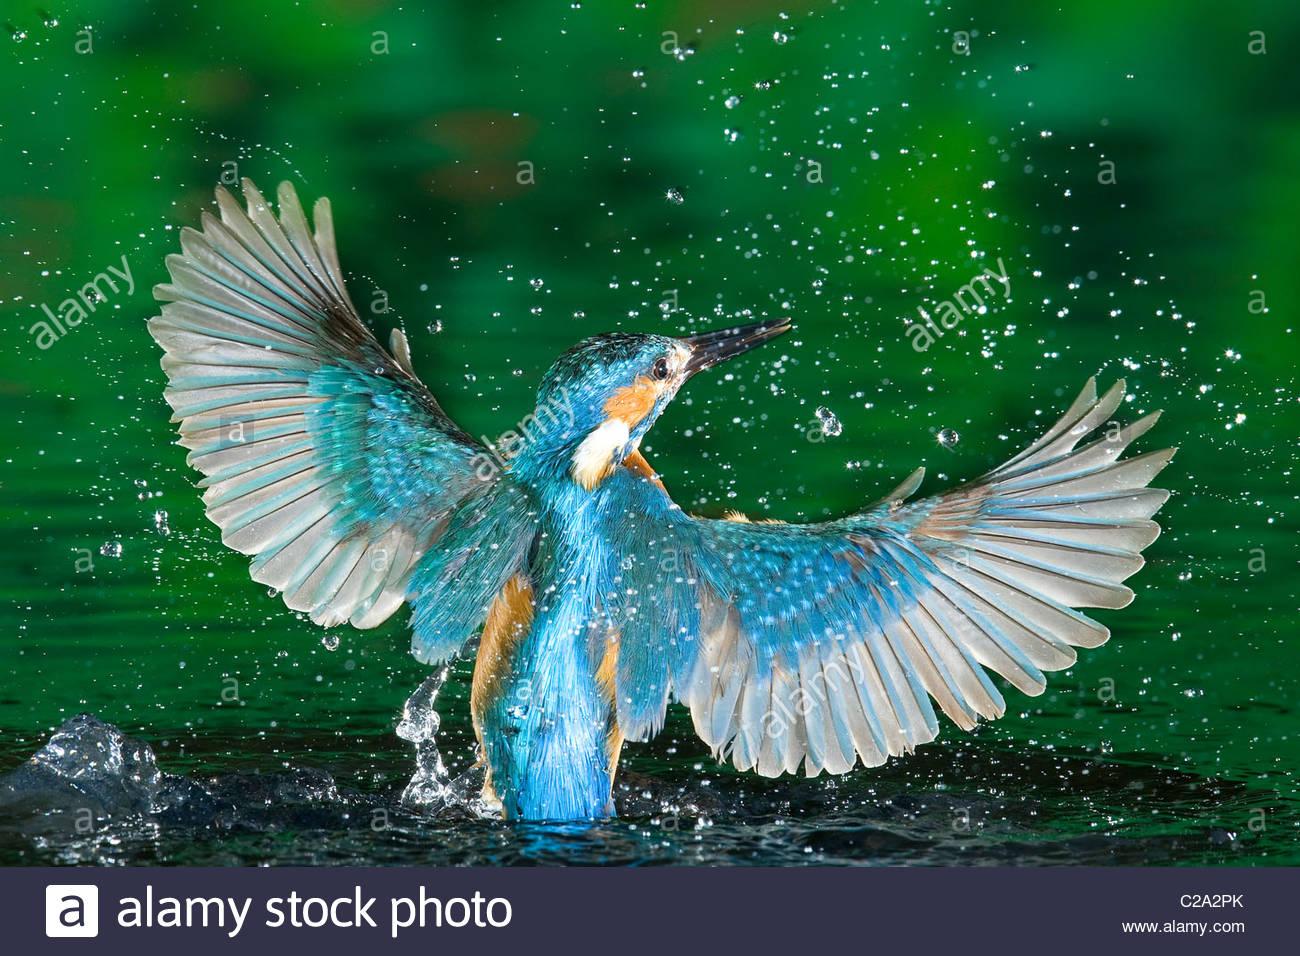 Erwachsene männliche Eisvogel, Alcedo Atthis, ohne einen Fisch entstehen. Stockbild